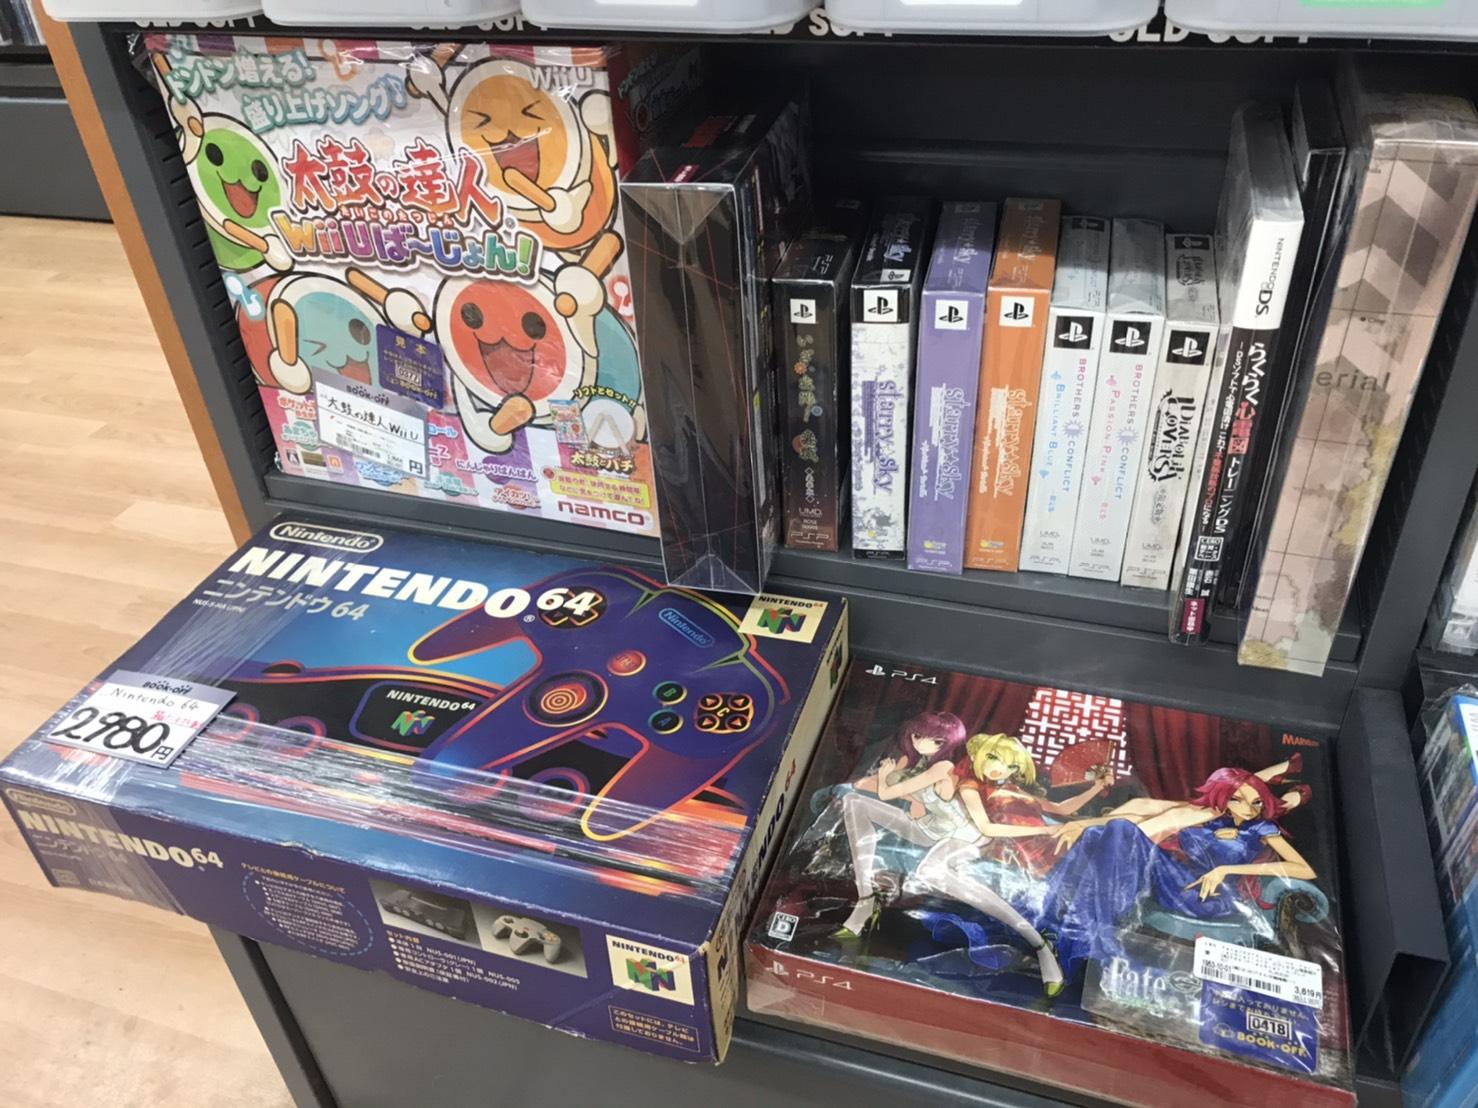 ブックオフのゲーム機本体